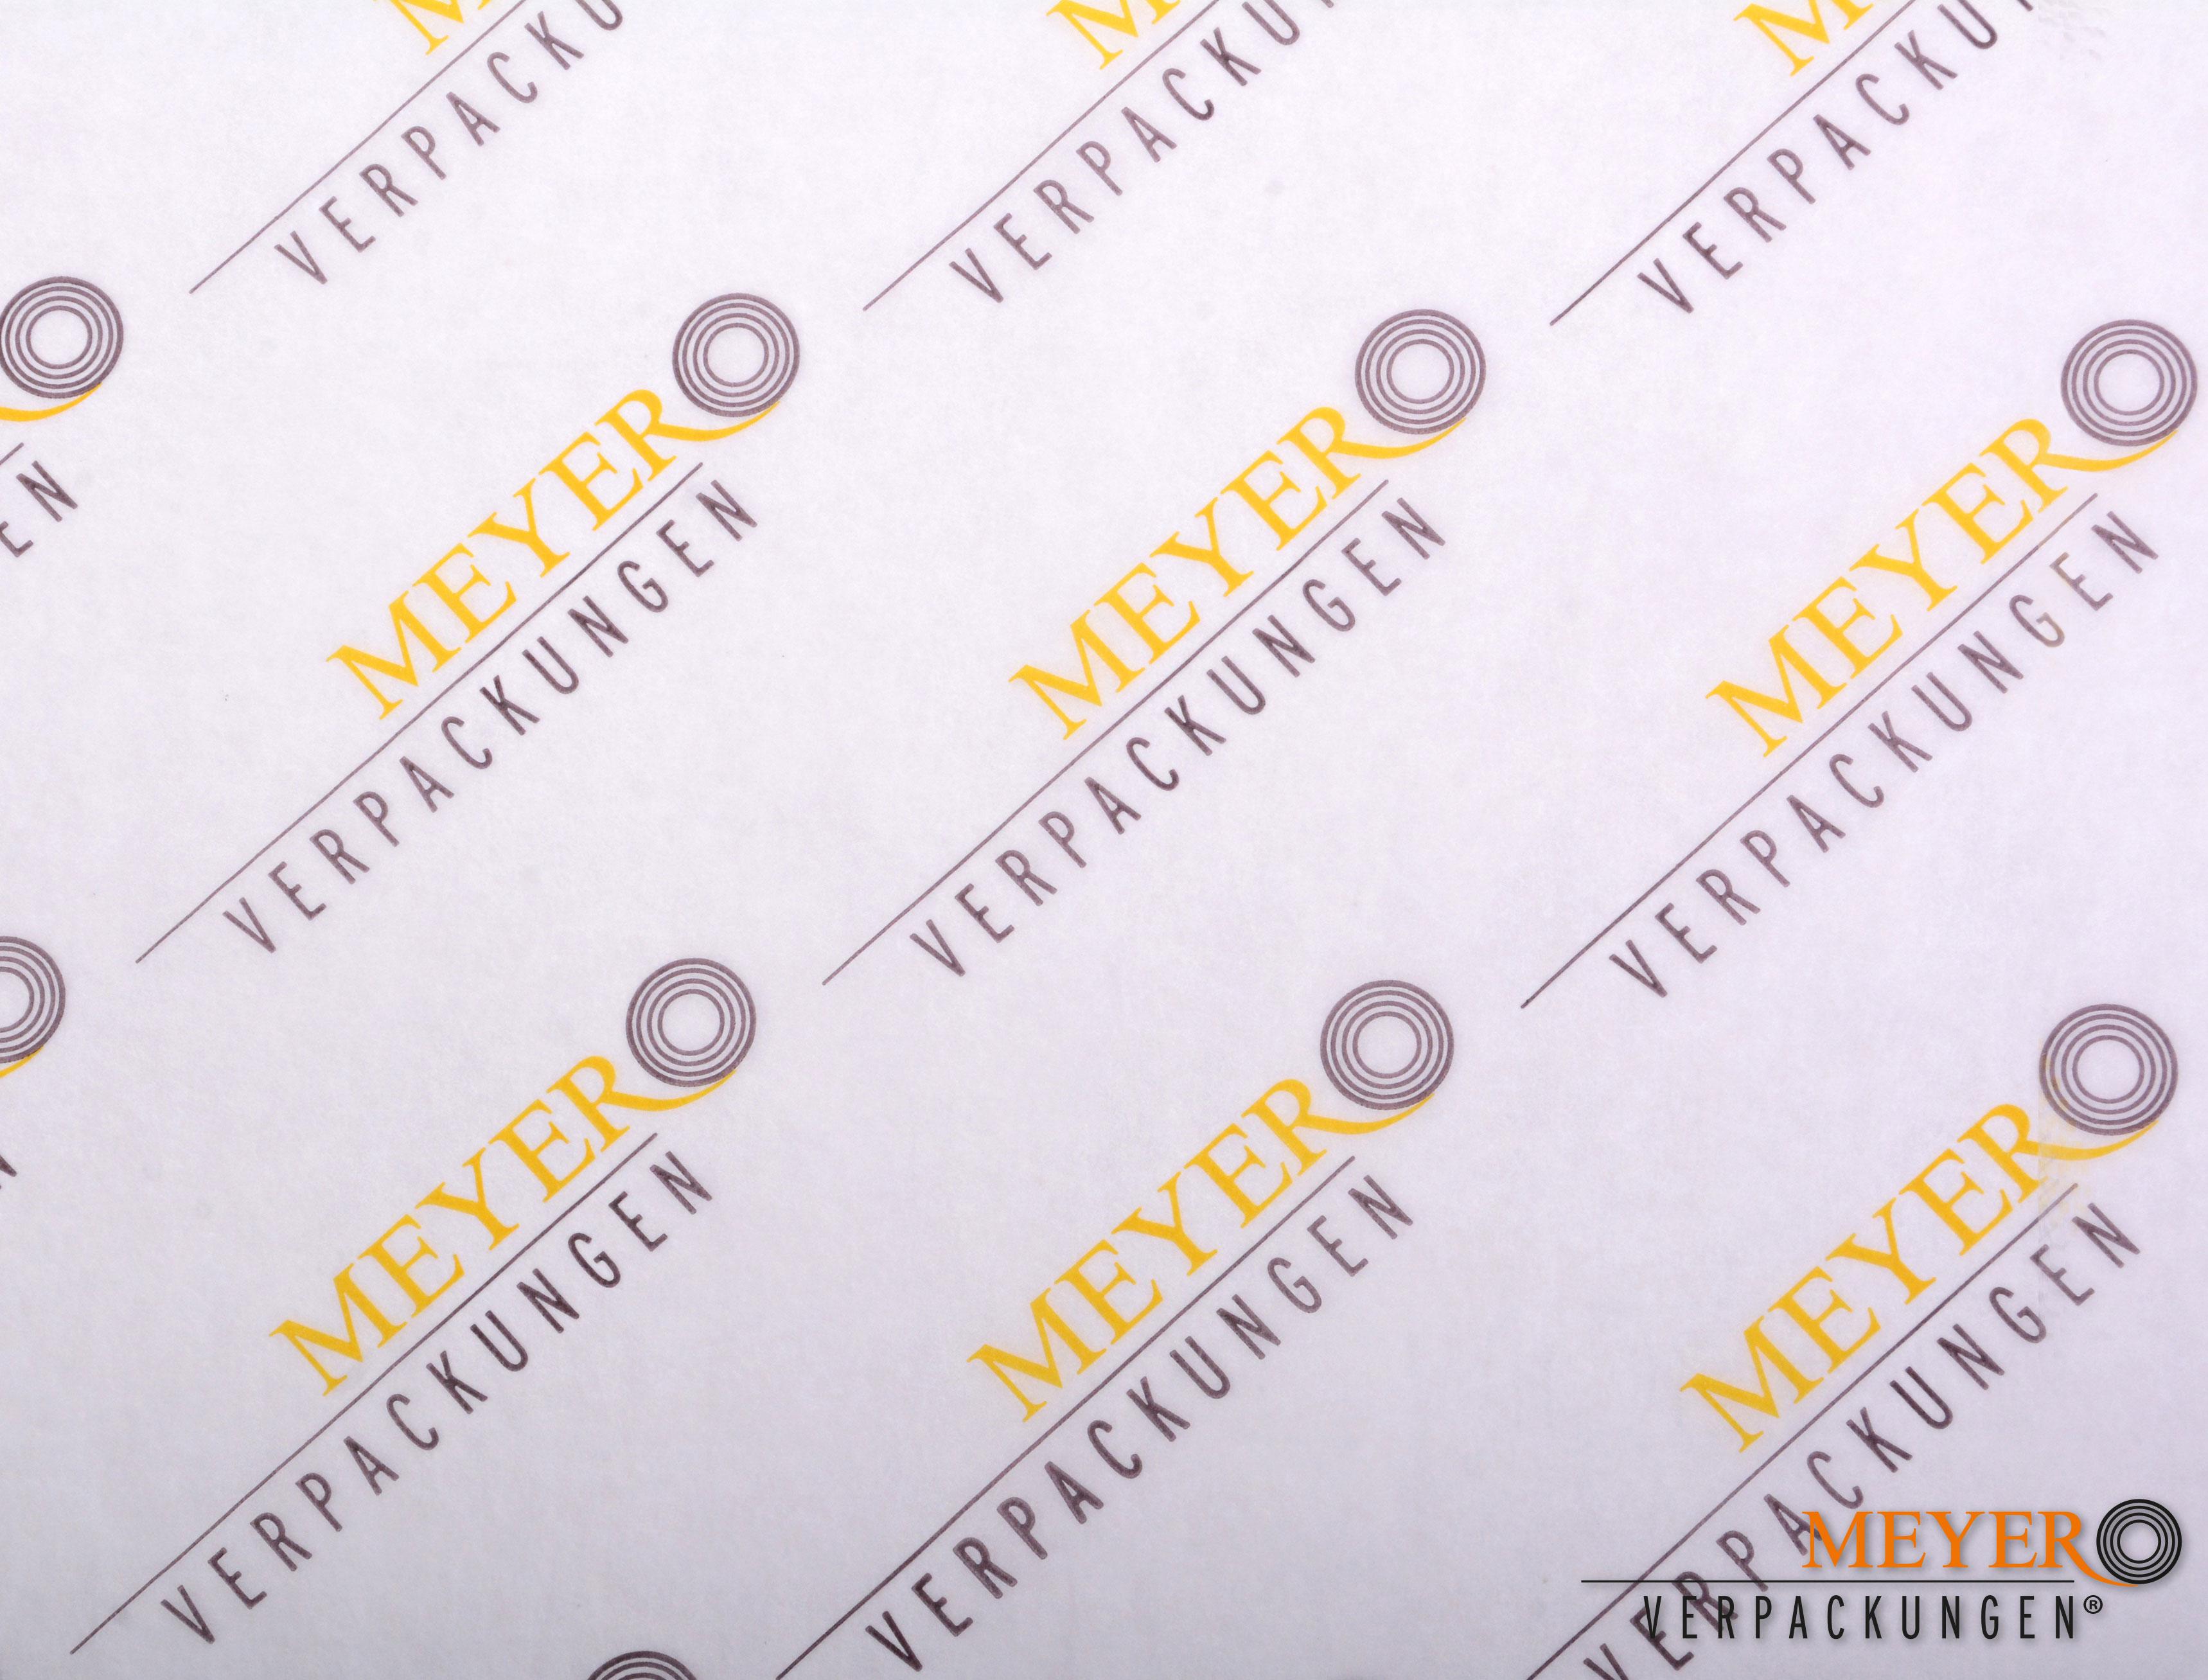 seidenpapier bedruckt Meyer 2